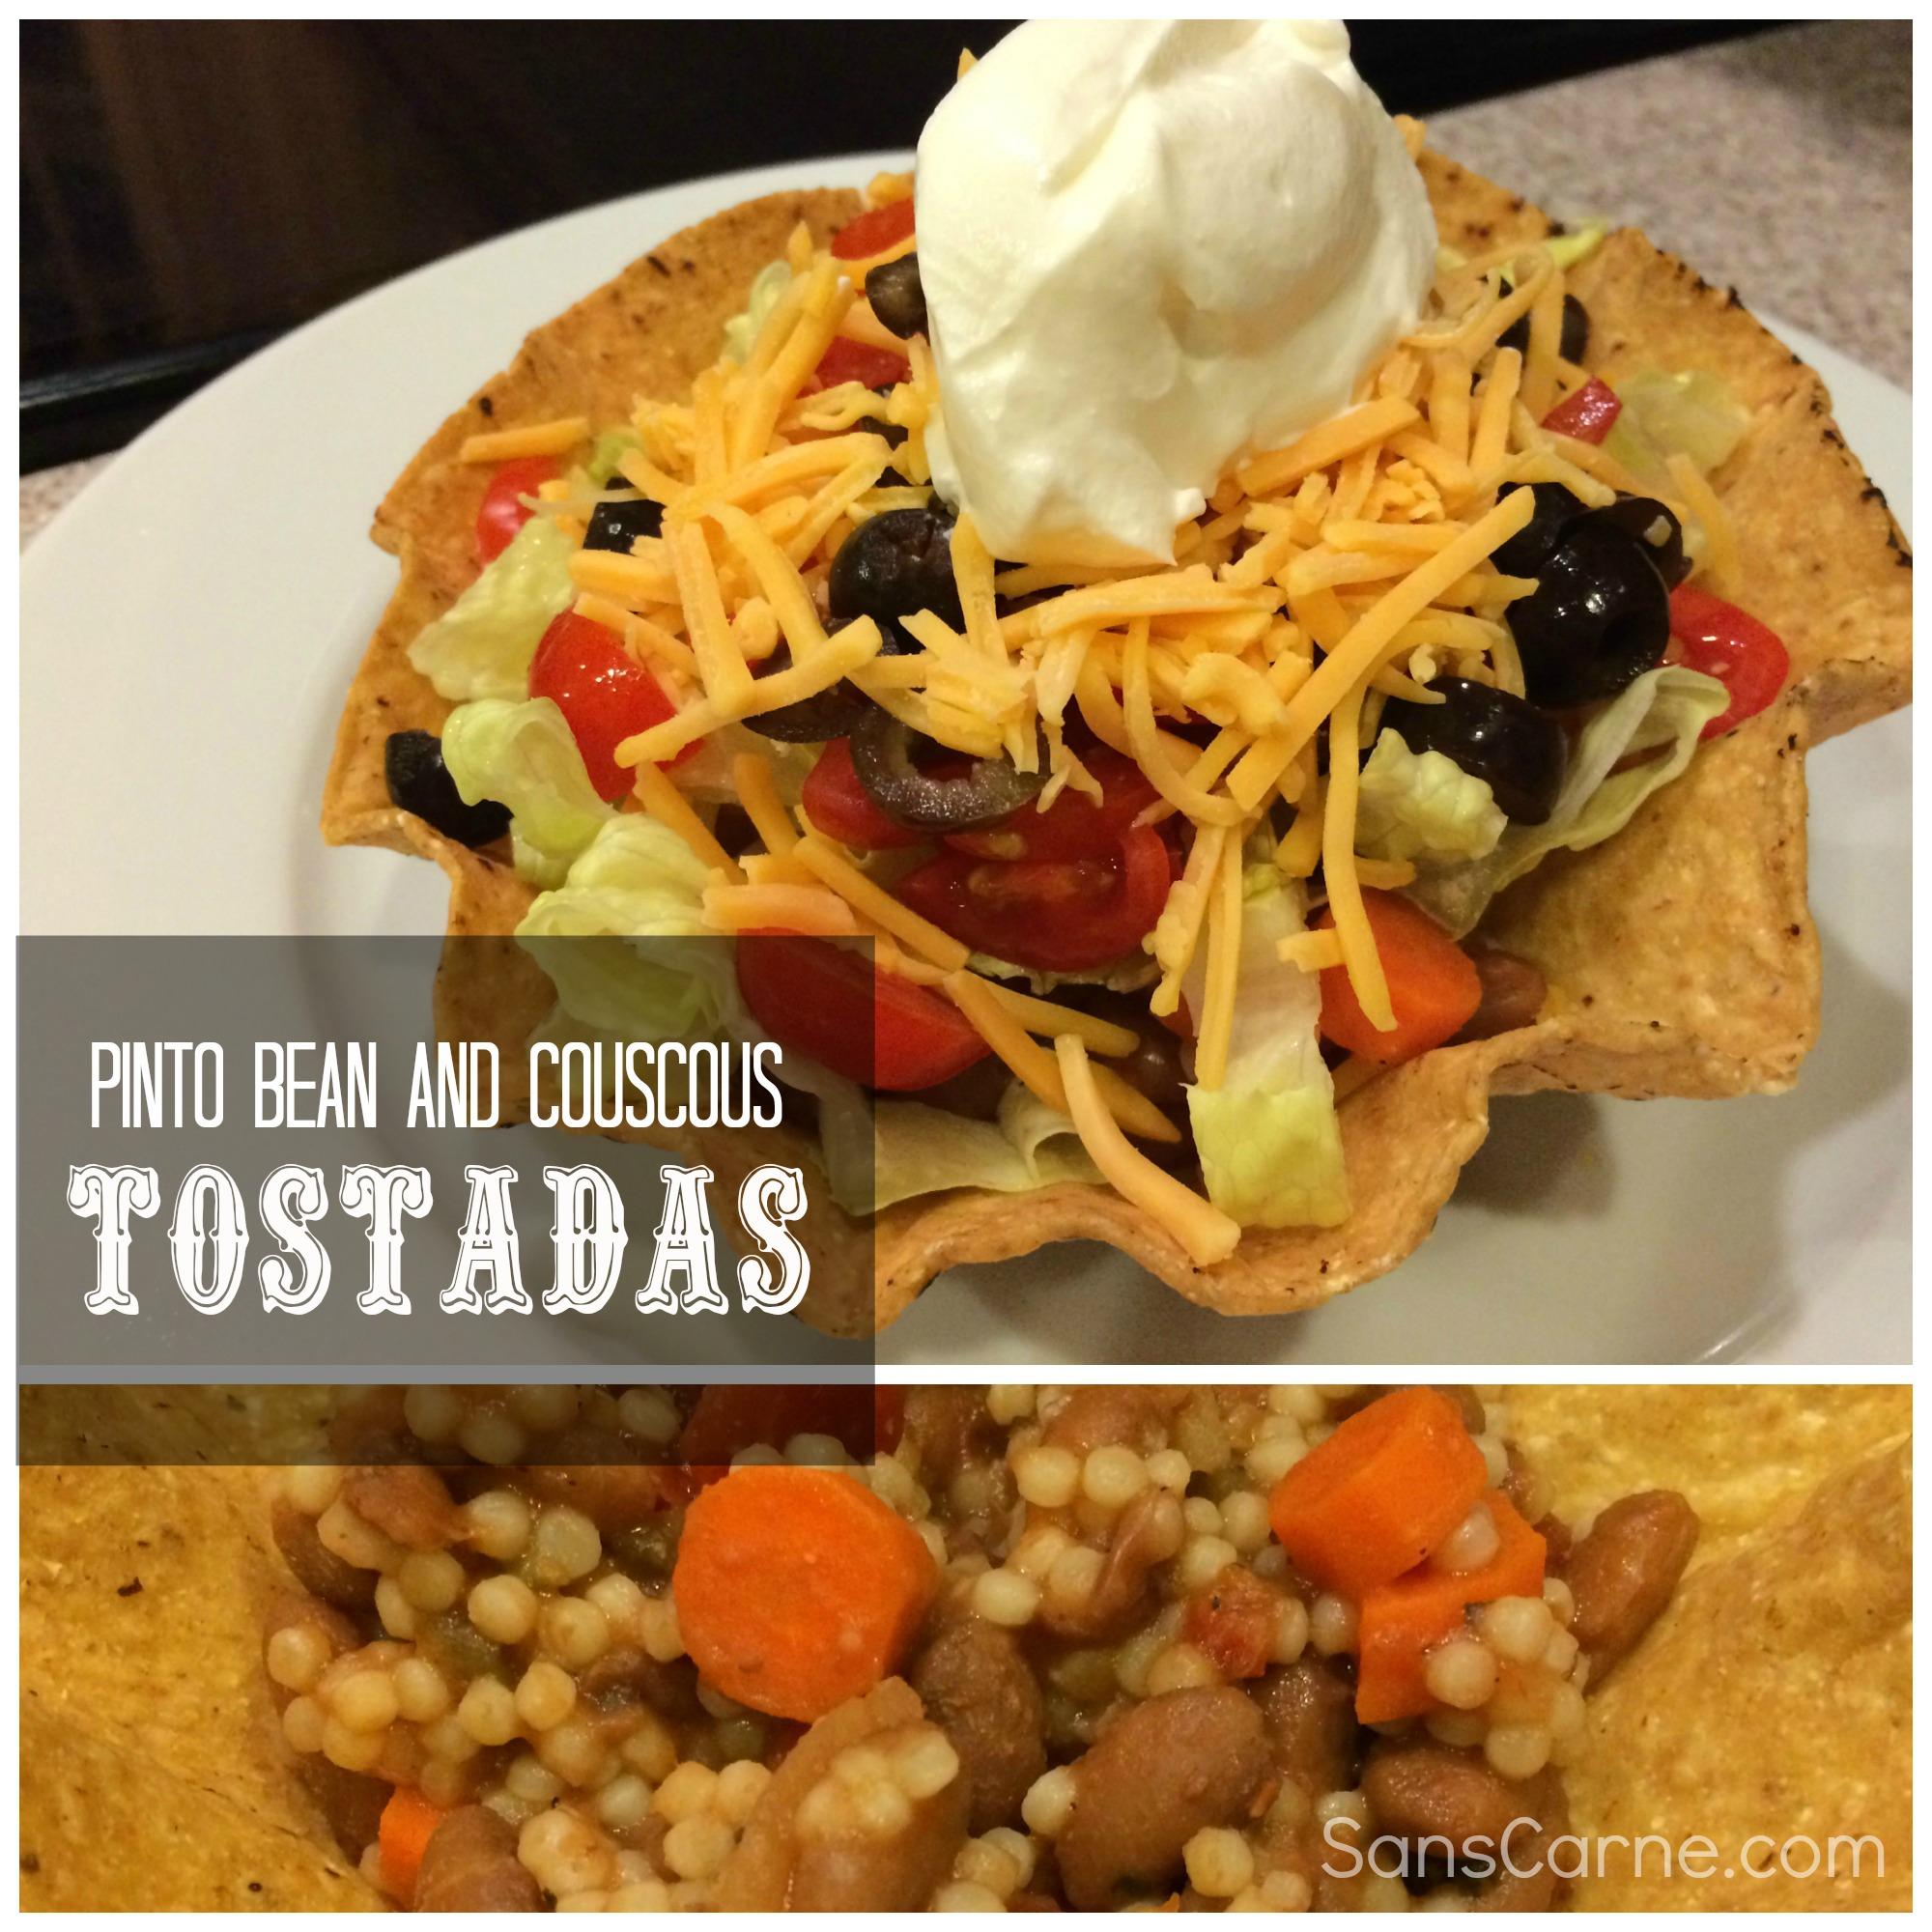 pinto bean and couscous tostadas